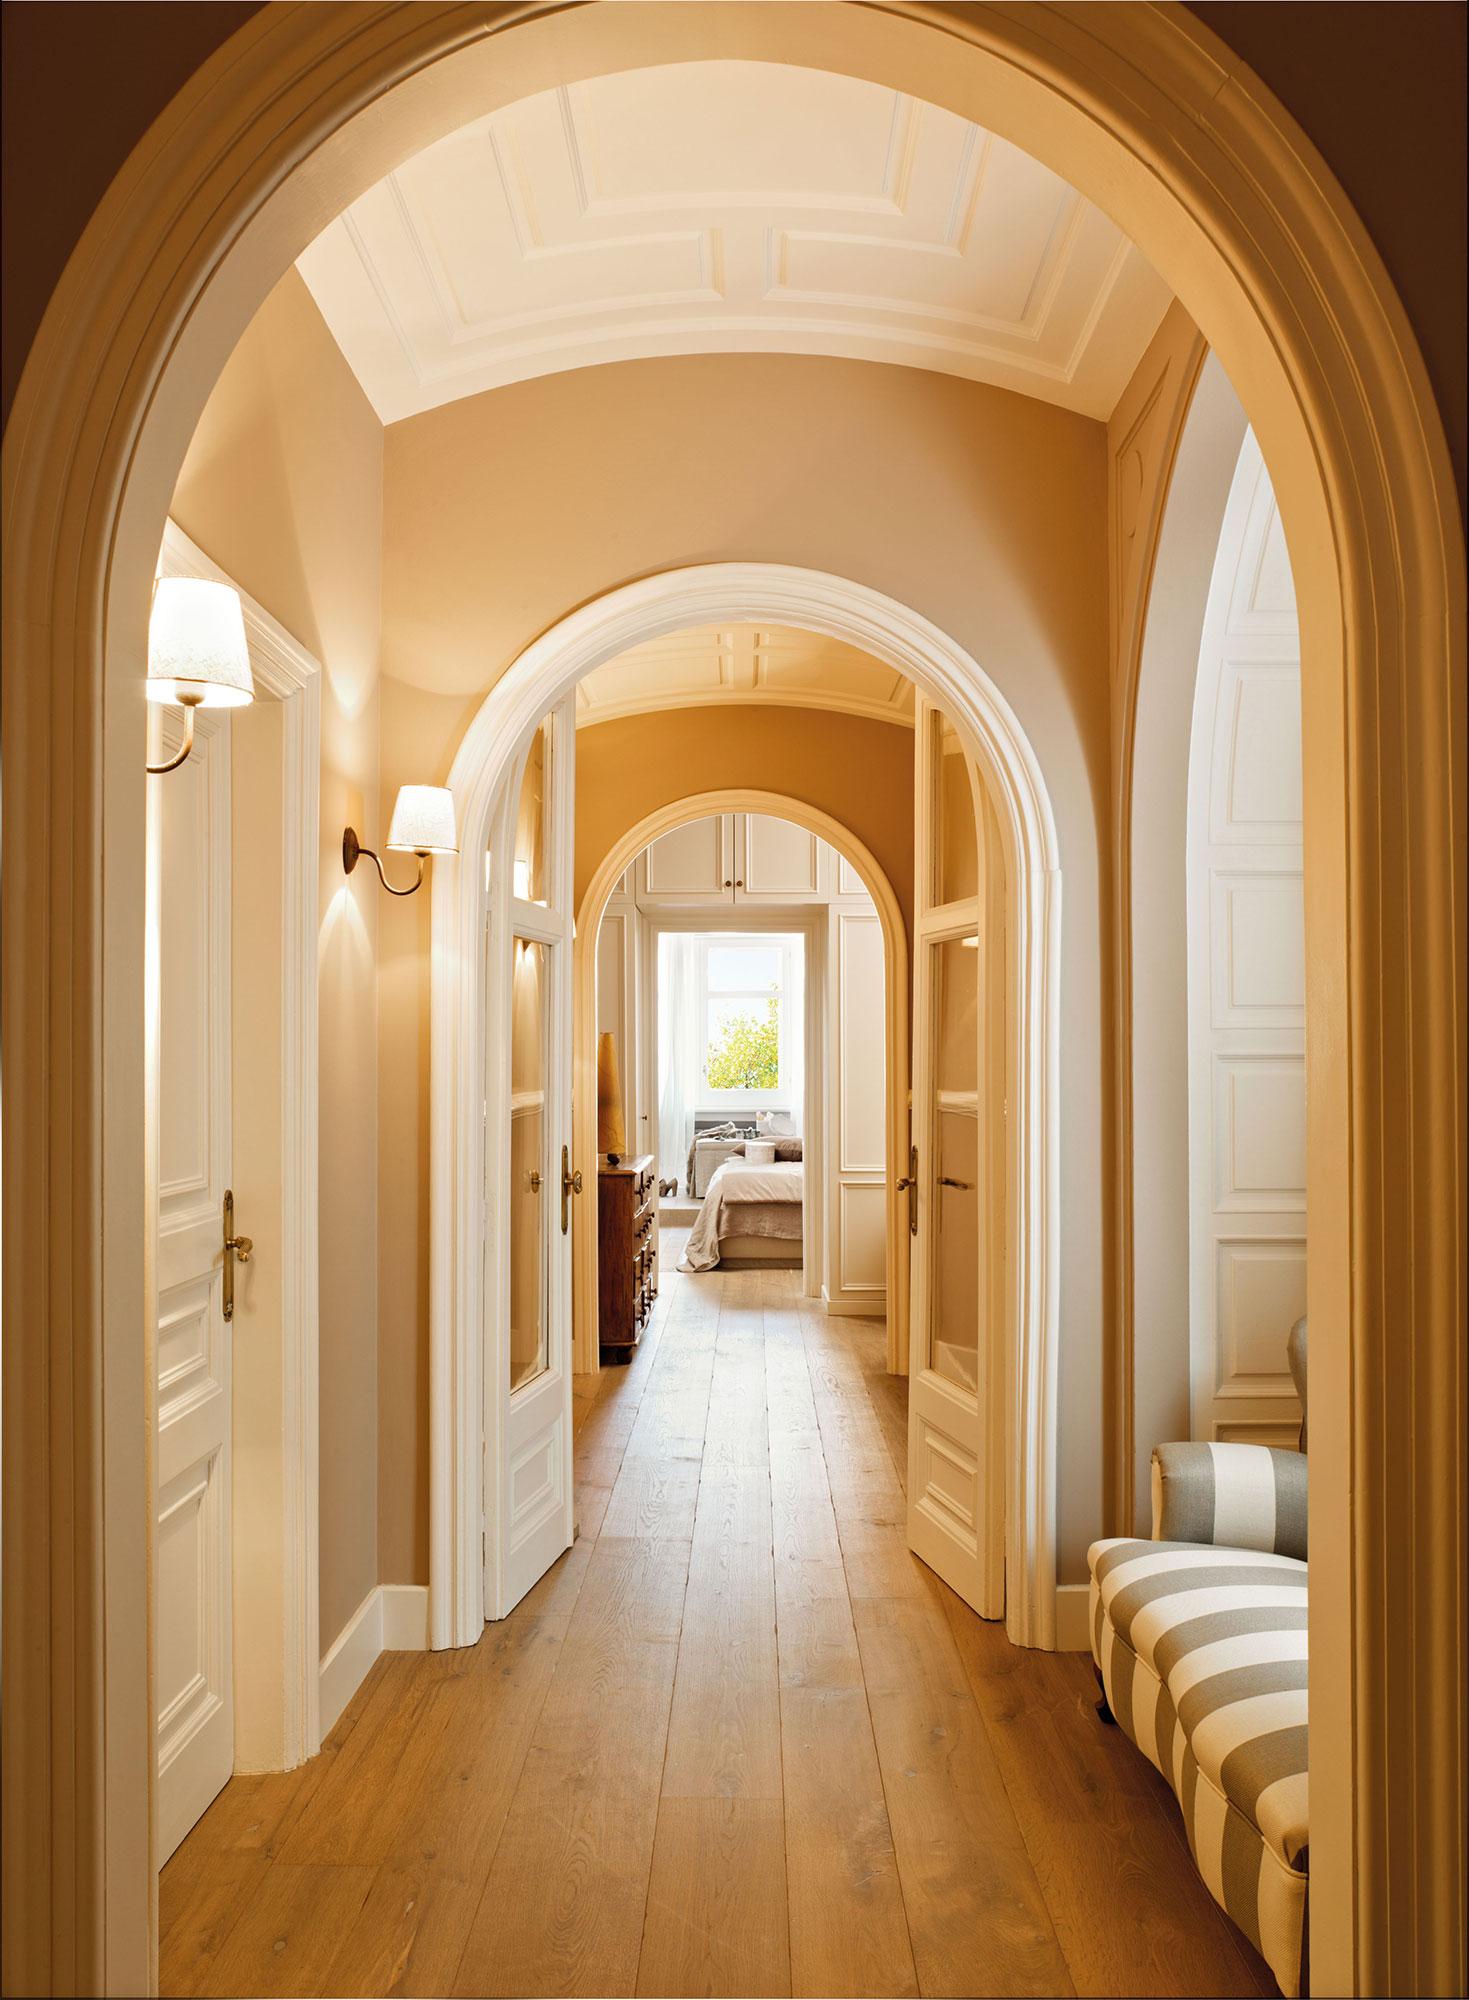 Cmo renovar las puertas de casa